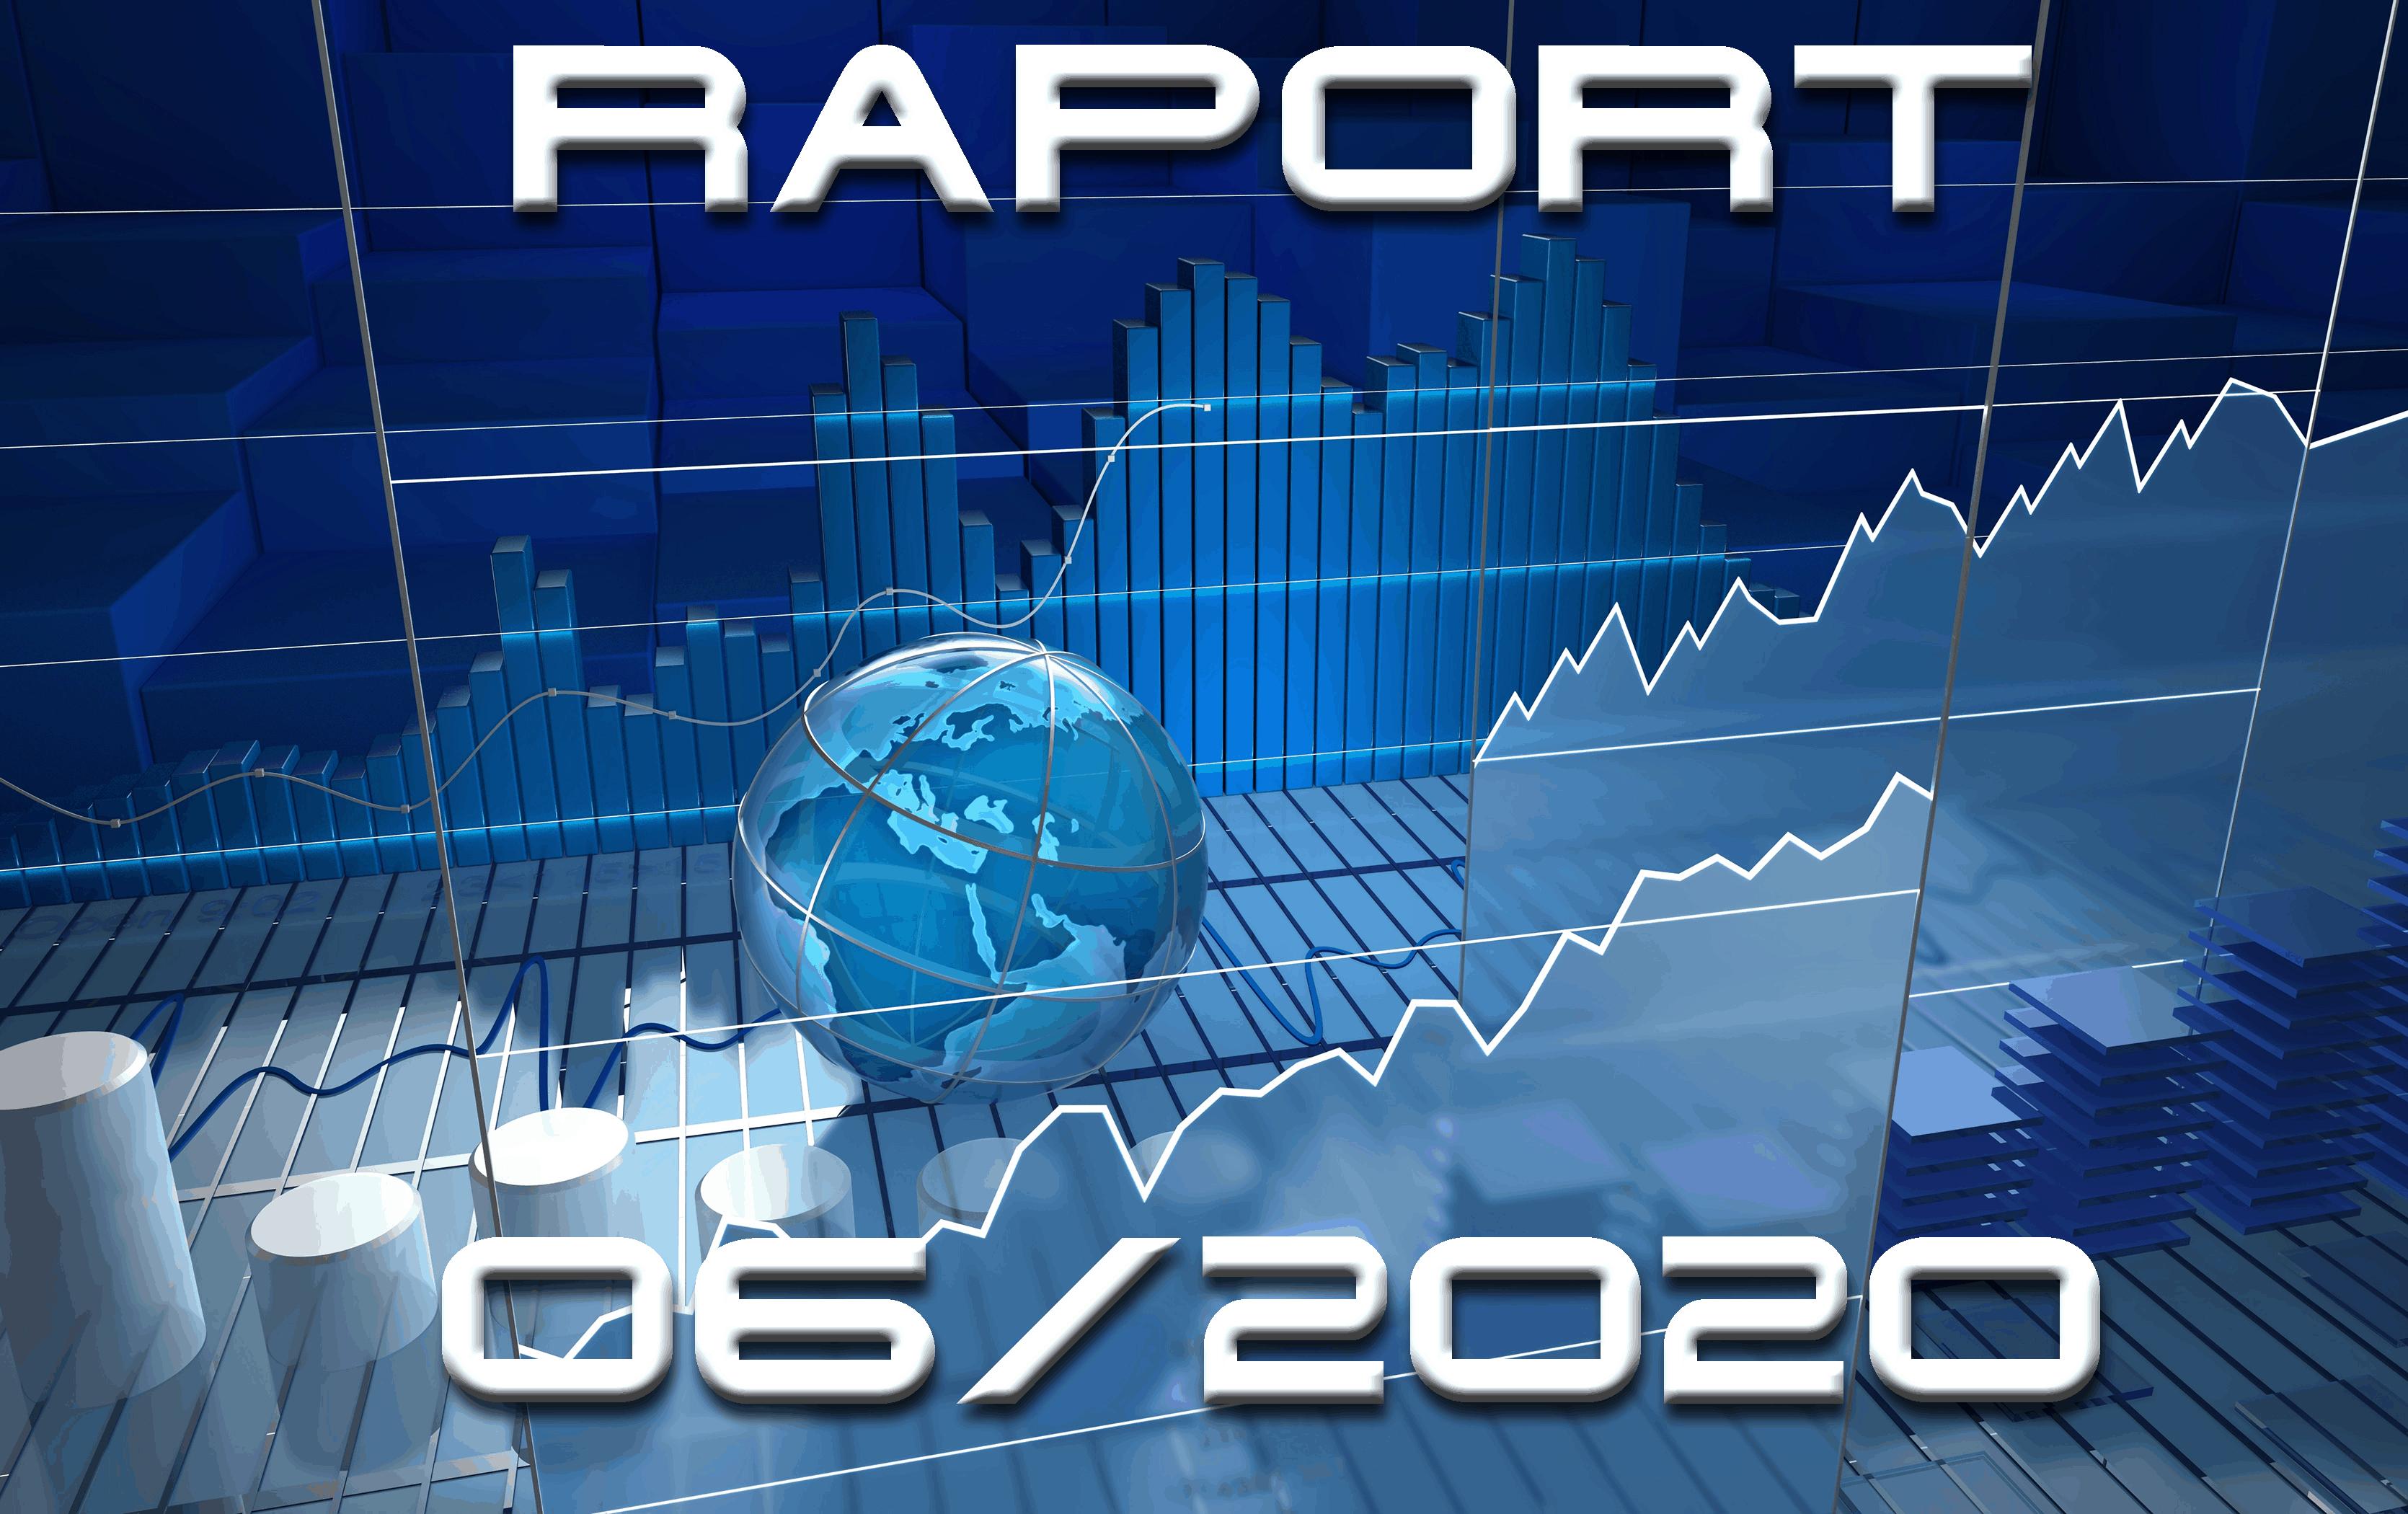 intraday'owa statystyka - raport czerwiec 2020